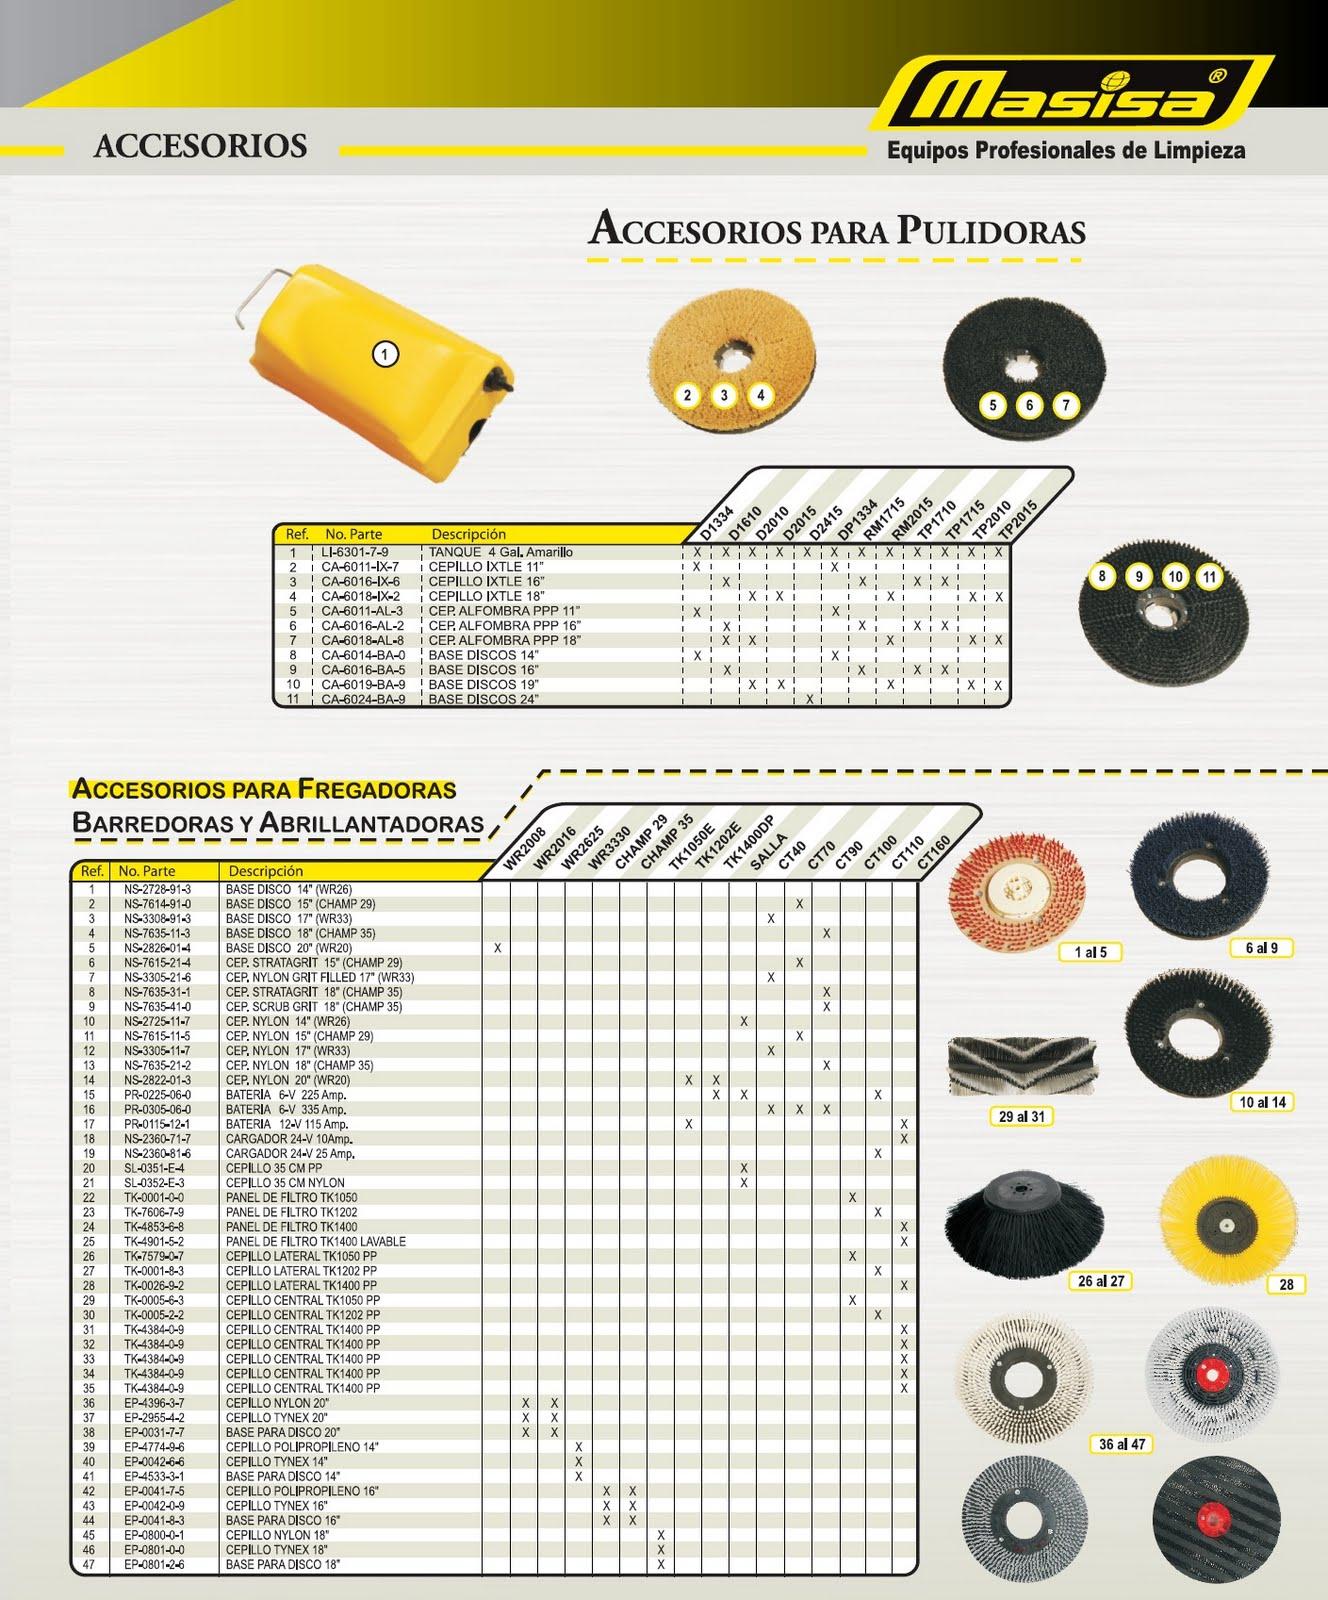 Cat logo de imagenes masisa accesorios pulidoras for Catalogo de accesorios